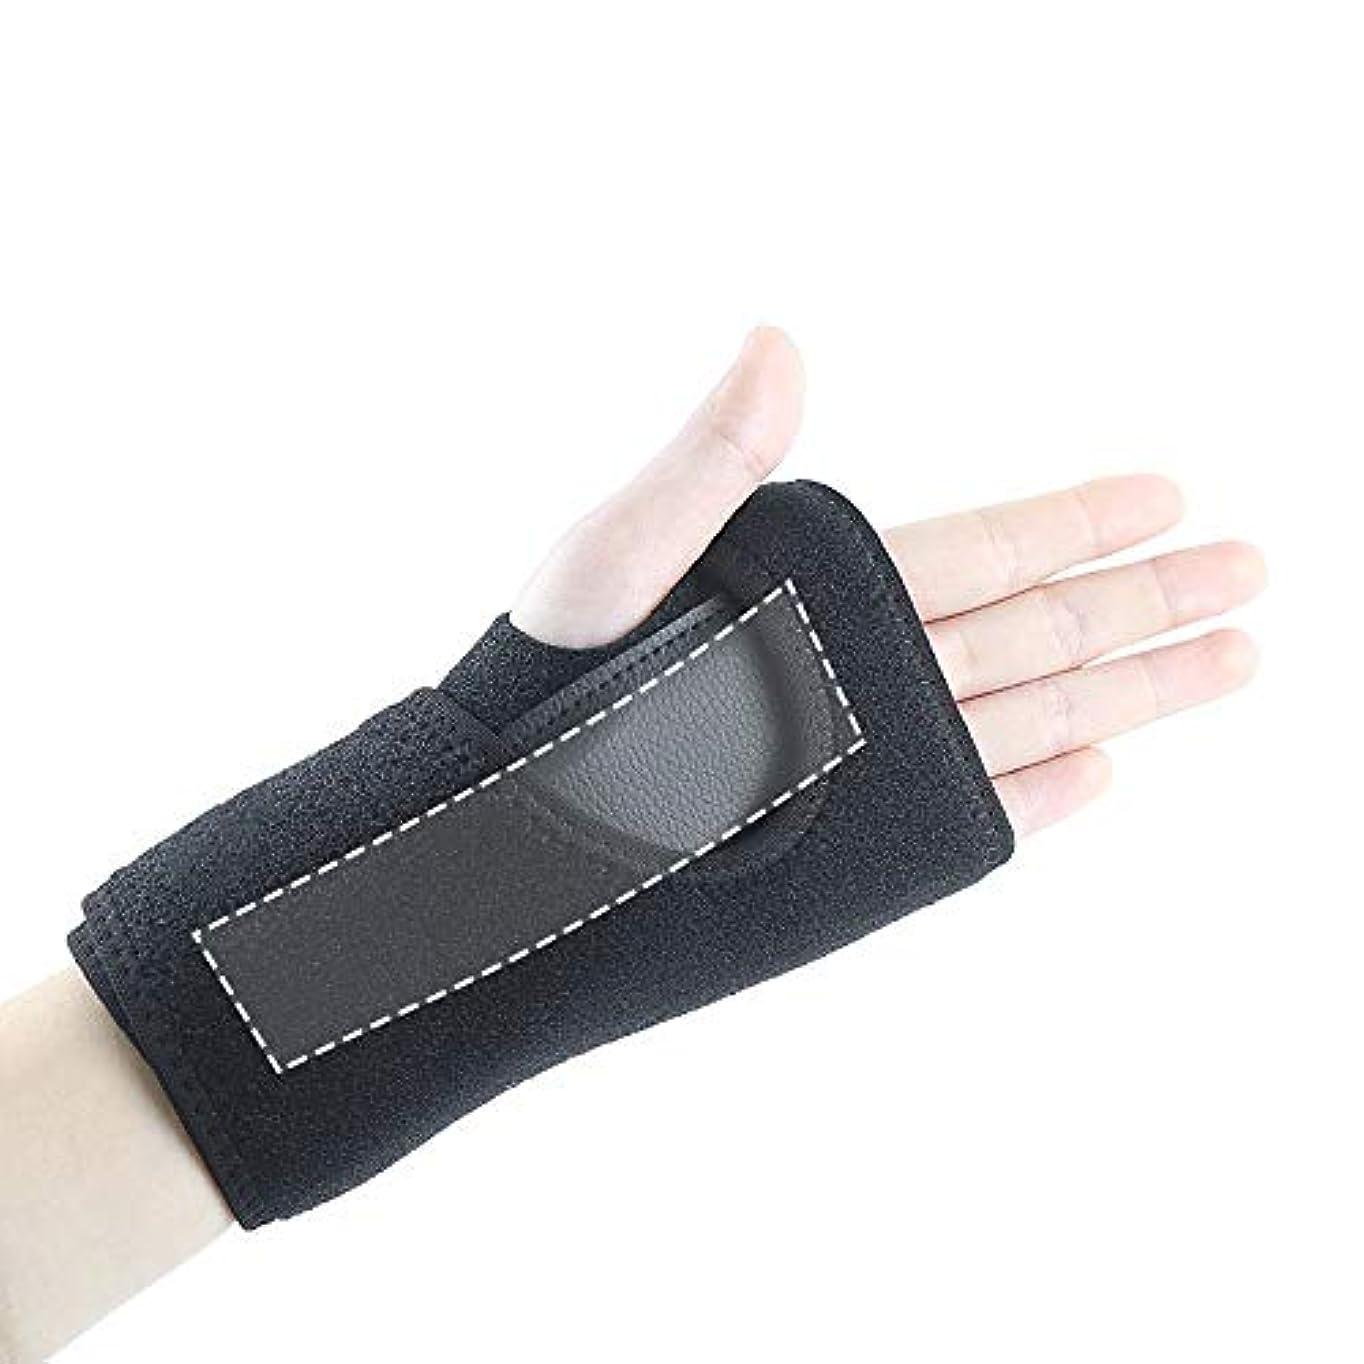 揃える適合従事するZYL-YL スポーツリストバンド捻挫手首固定保護具スプリントサポートパームハンドマウスの手のサポートハンドスプリント (Edition : Left)